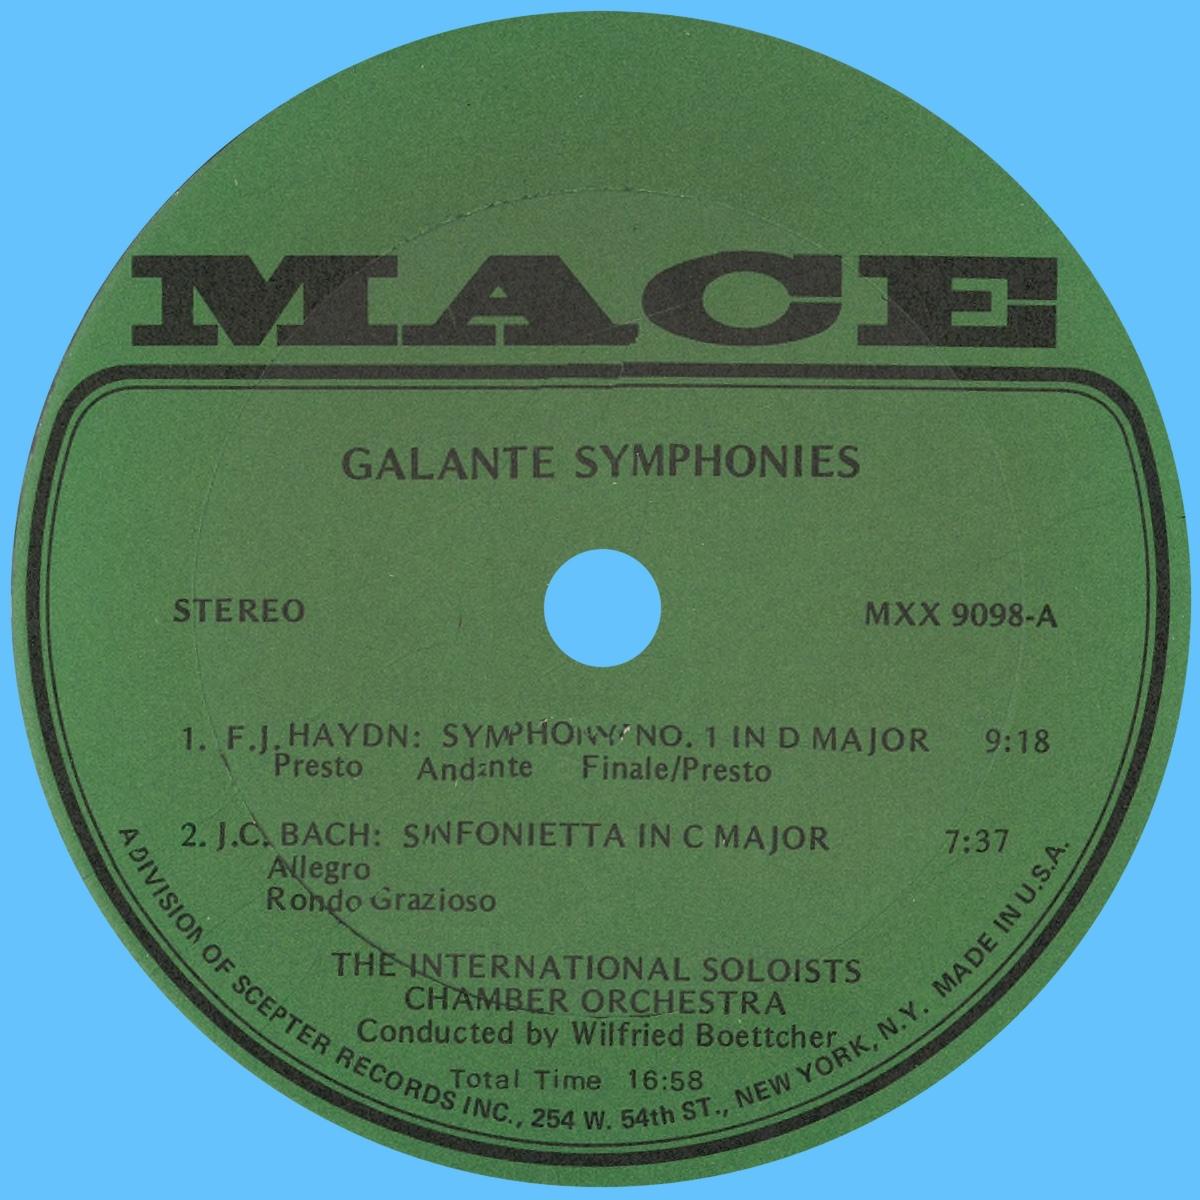 Étiquette recto du disque MACE 9098